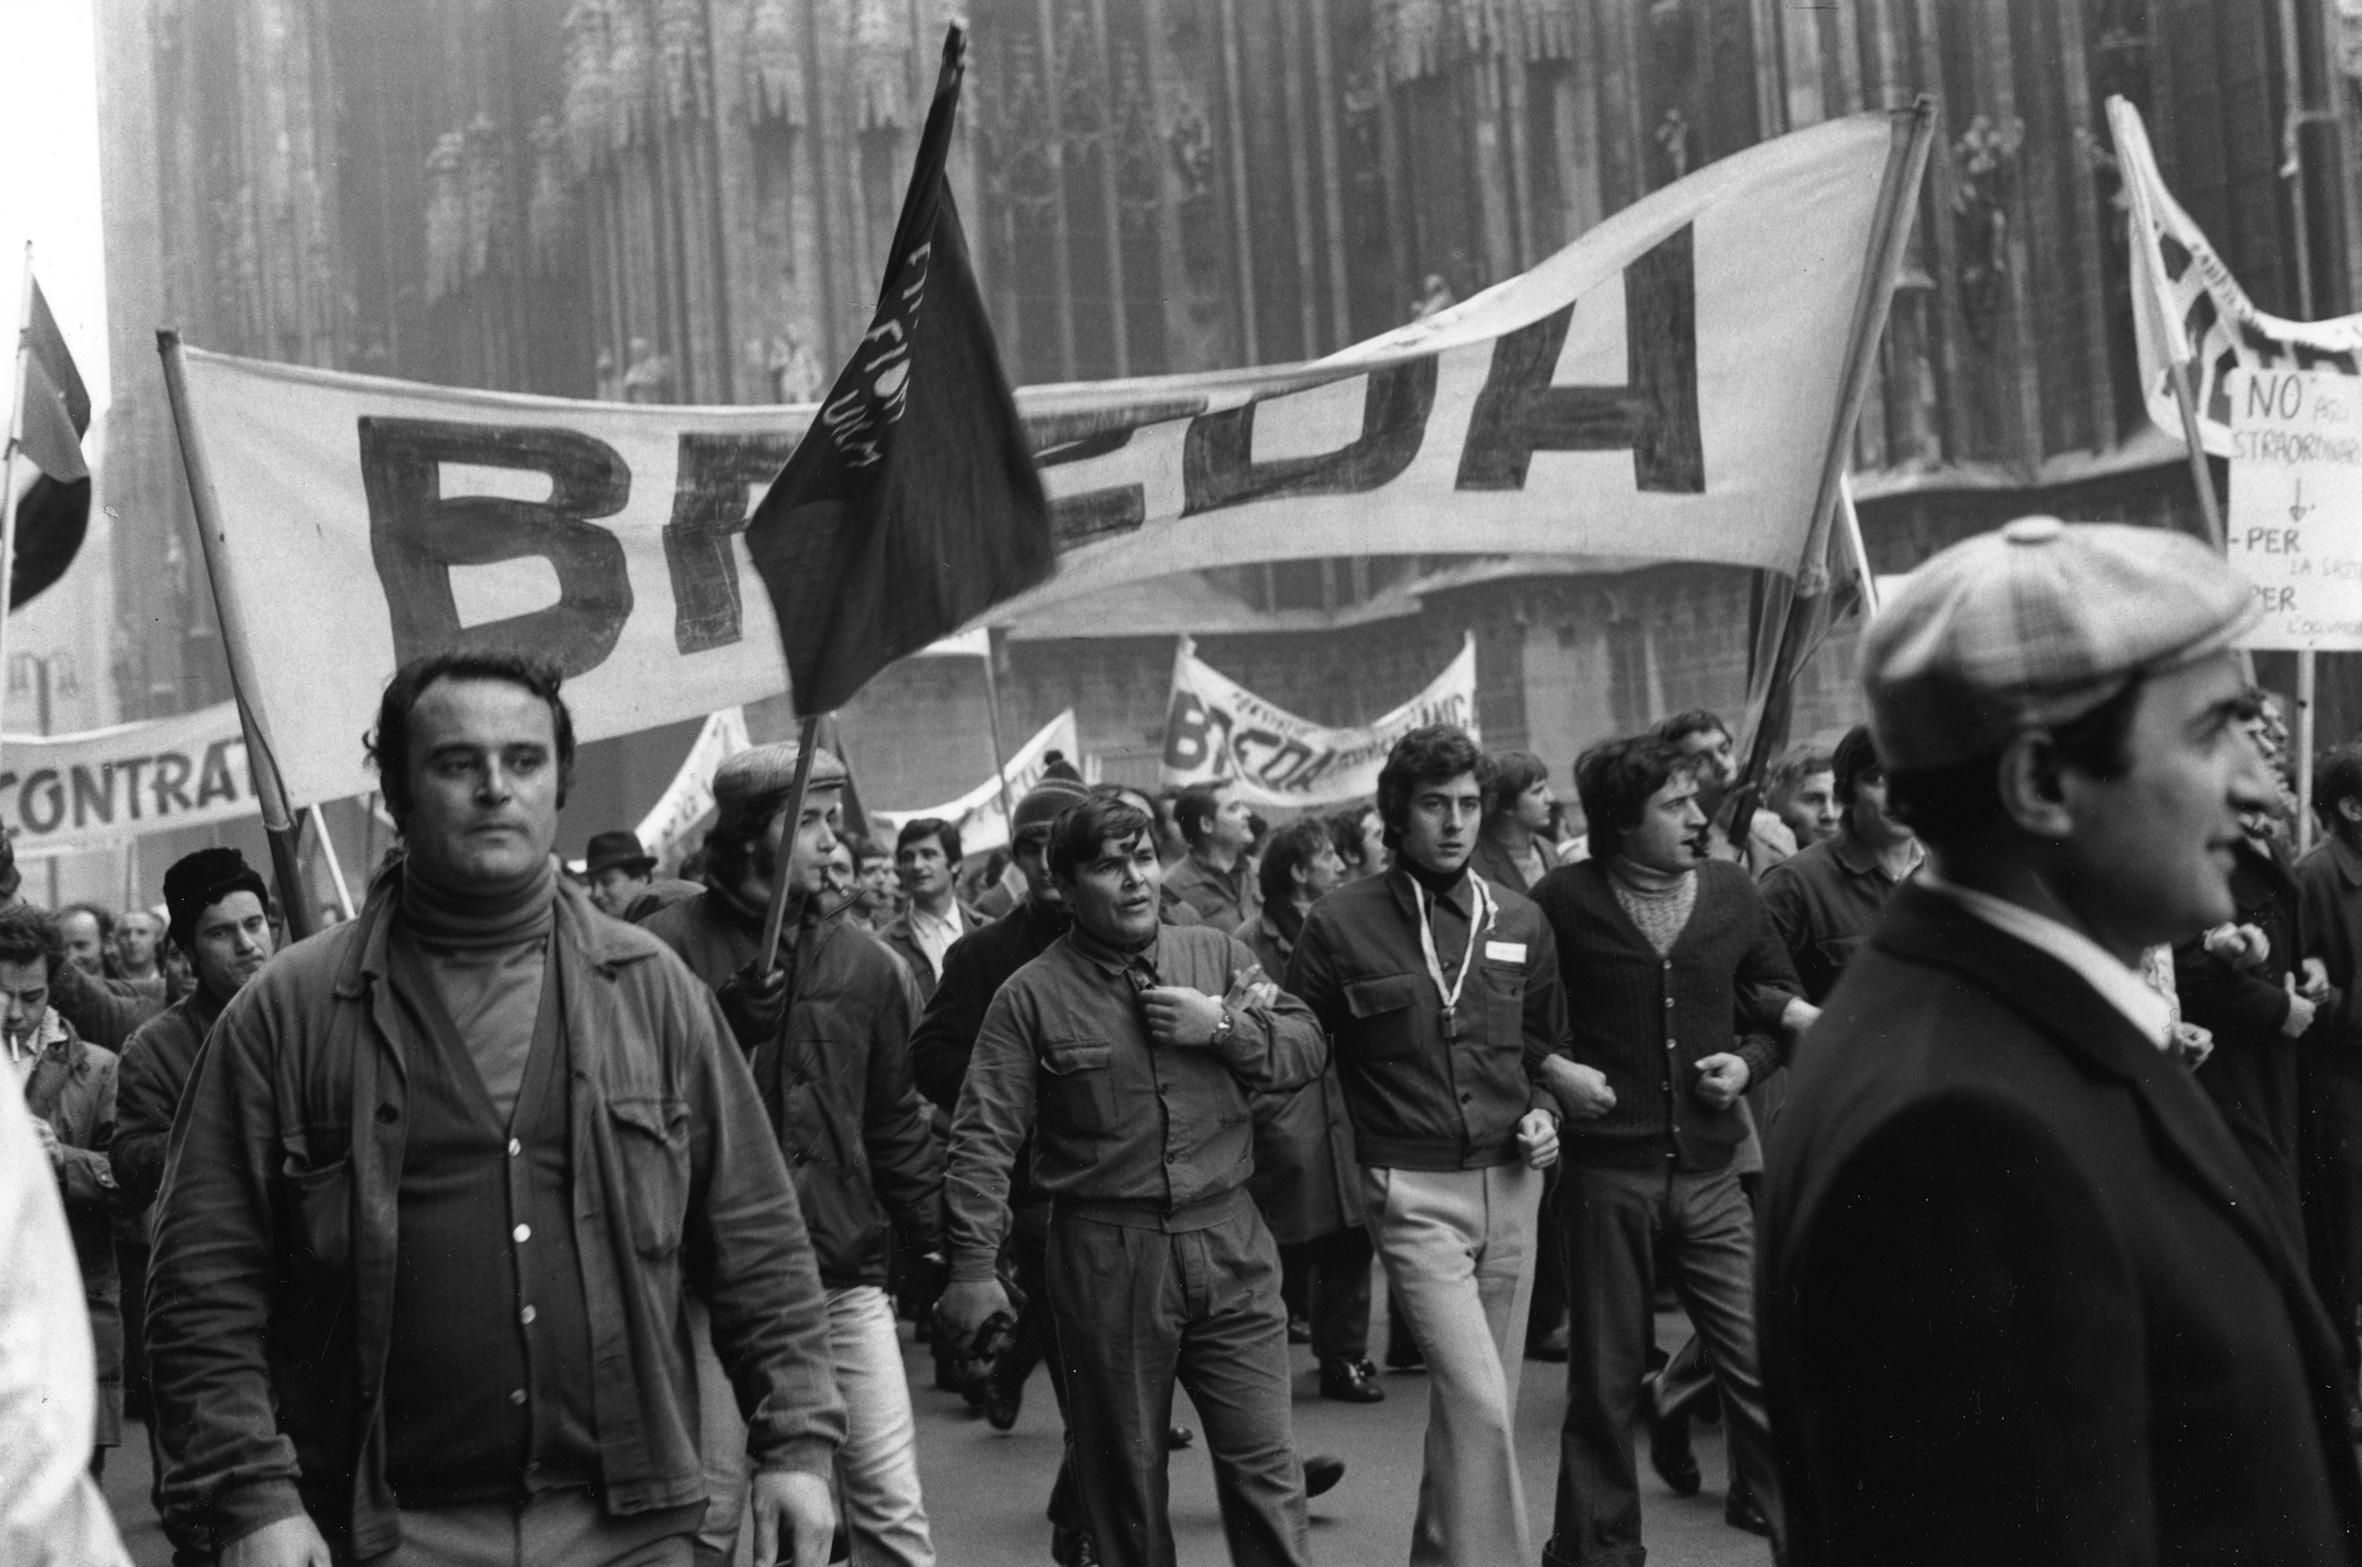 Giovanna Borgese, Manifestazione operaia, Milano, 1972